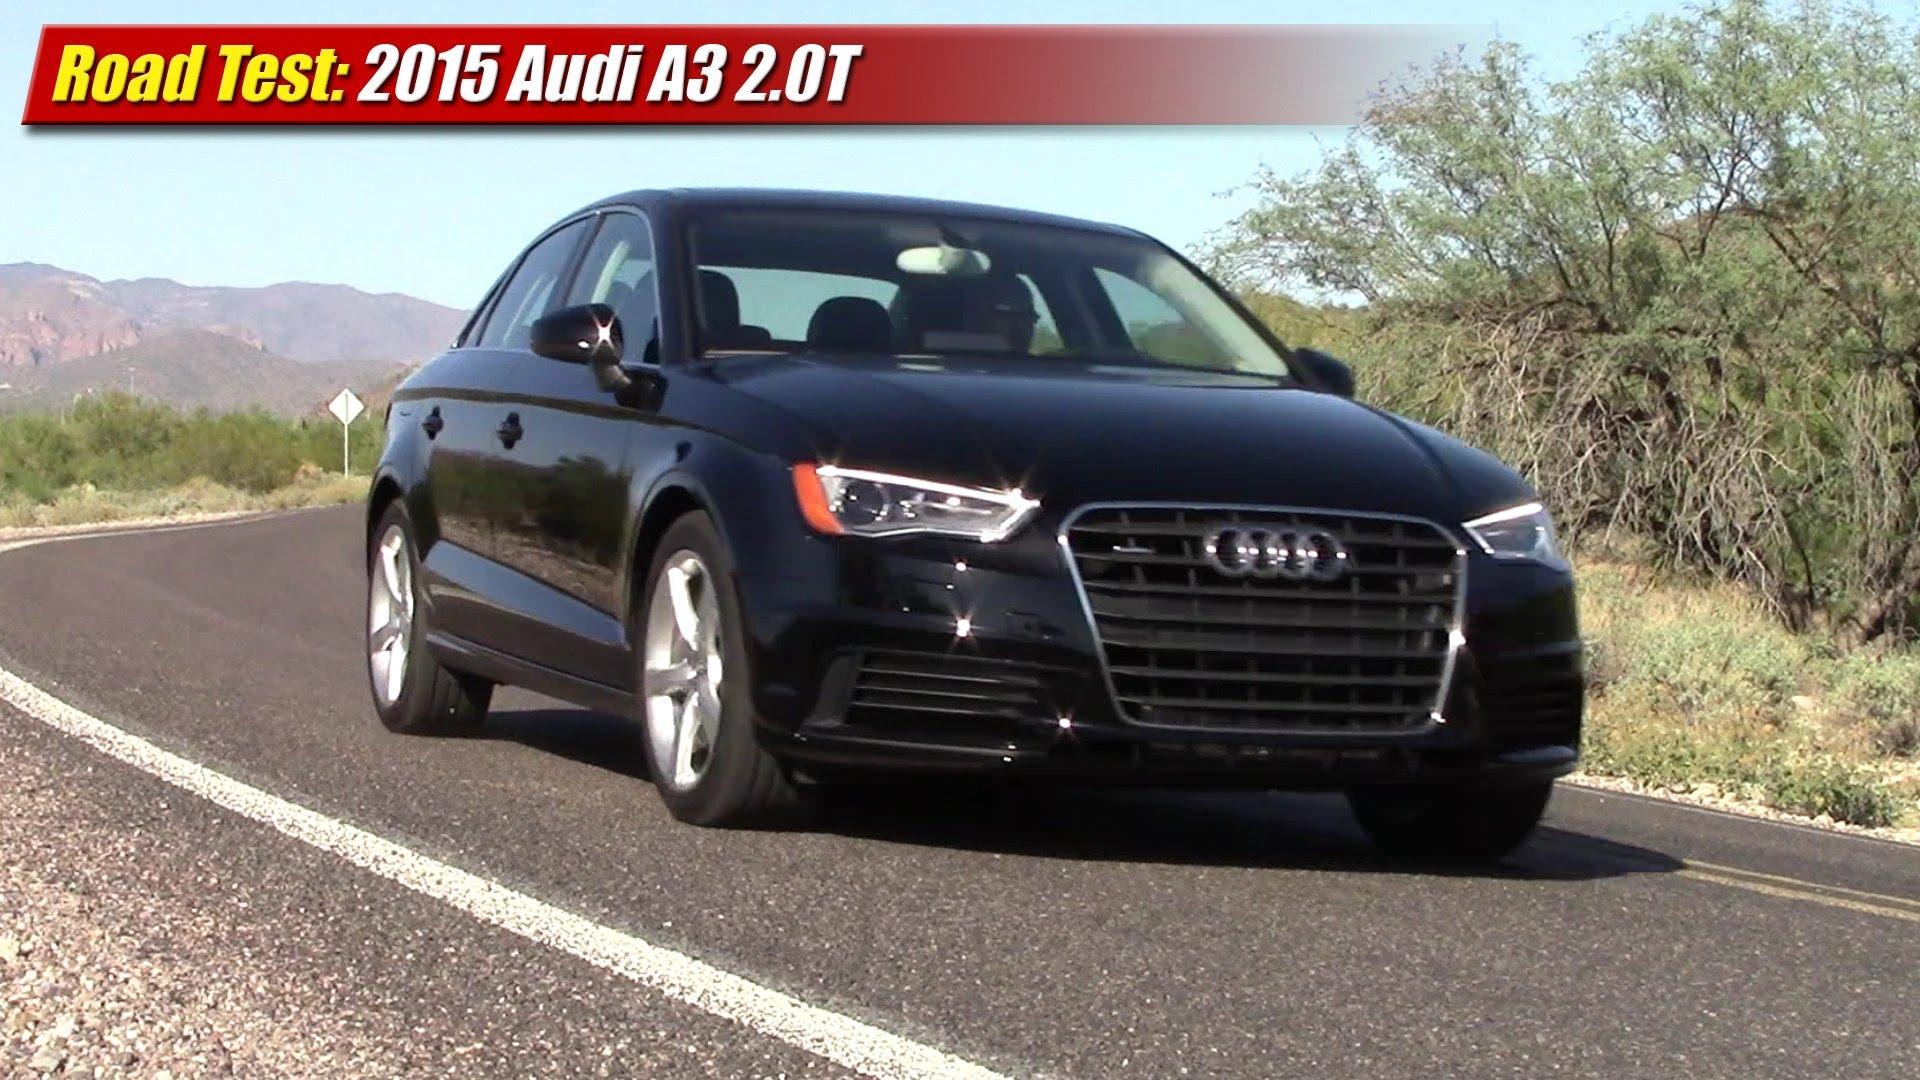 Audi 2 0 T >> Road Test 2015 Audi A3 2 0t Quattro Testdriven Tv